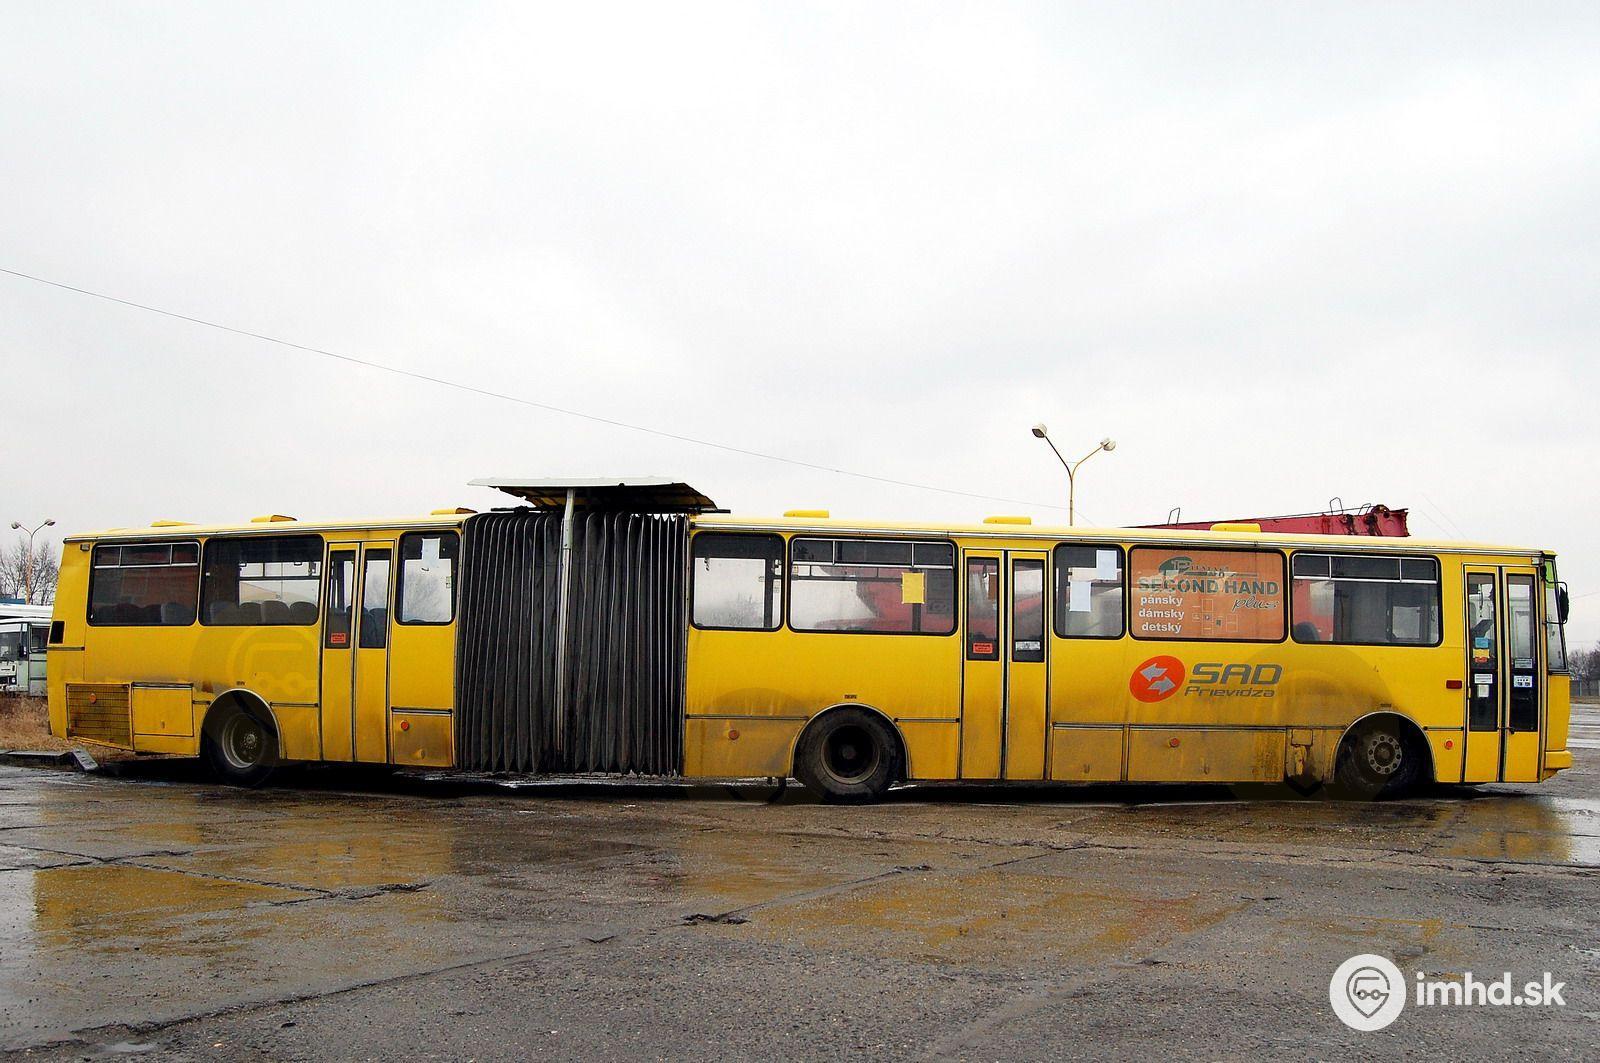 78ea5e4db Prímestský kĺbový autobus zaradený na linky MHD • imhd.sk Prievidza